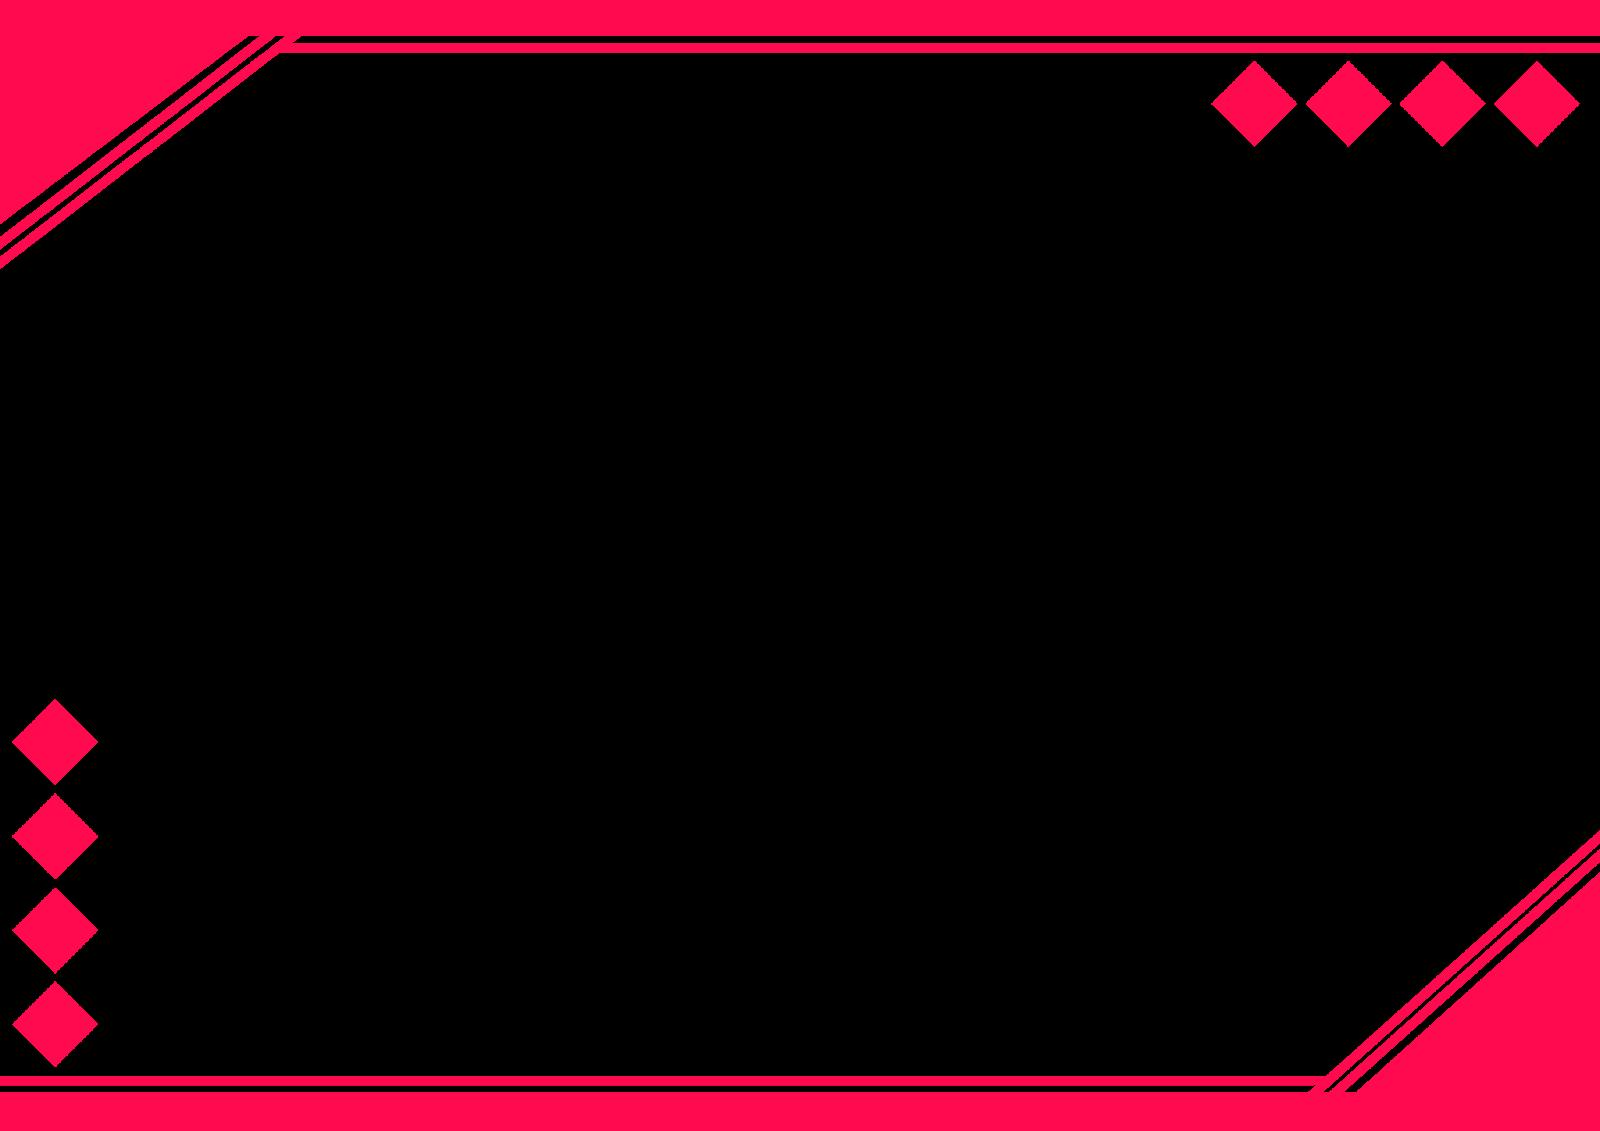 Contoh Bingkai Sertifikat Related Keywords - Contoh Bingkai Sertifikat ...